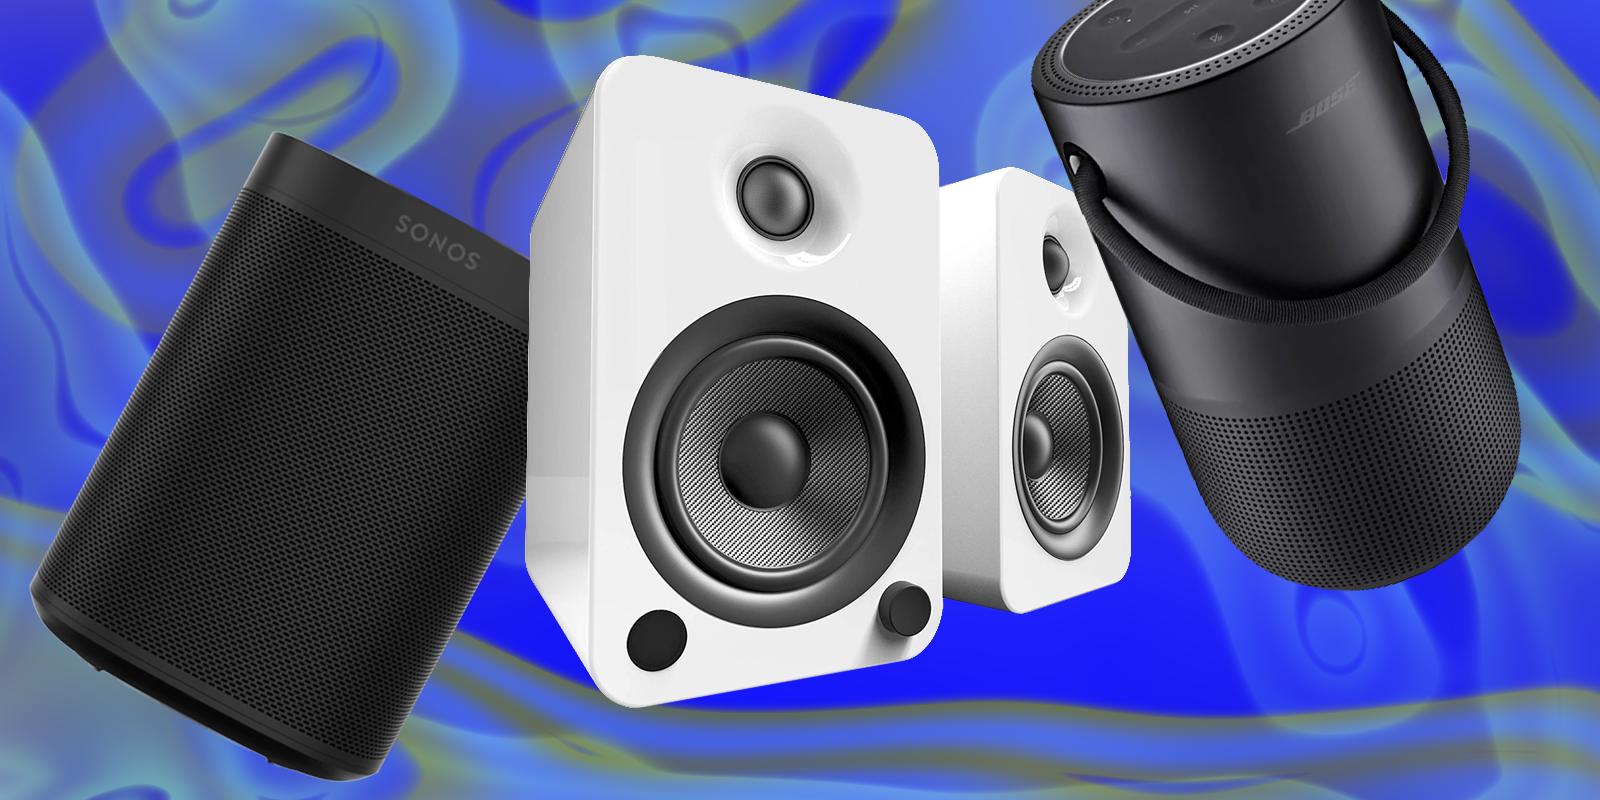 Aradığınız Kablosuz Hoparlör Modeline Luxury Audio Mağazasıyla Kolayca Sahip Olabilirsiniz!